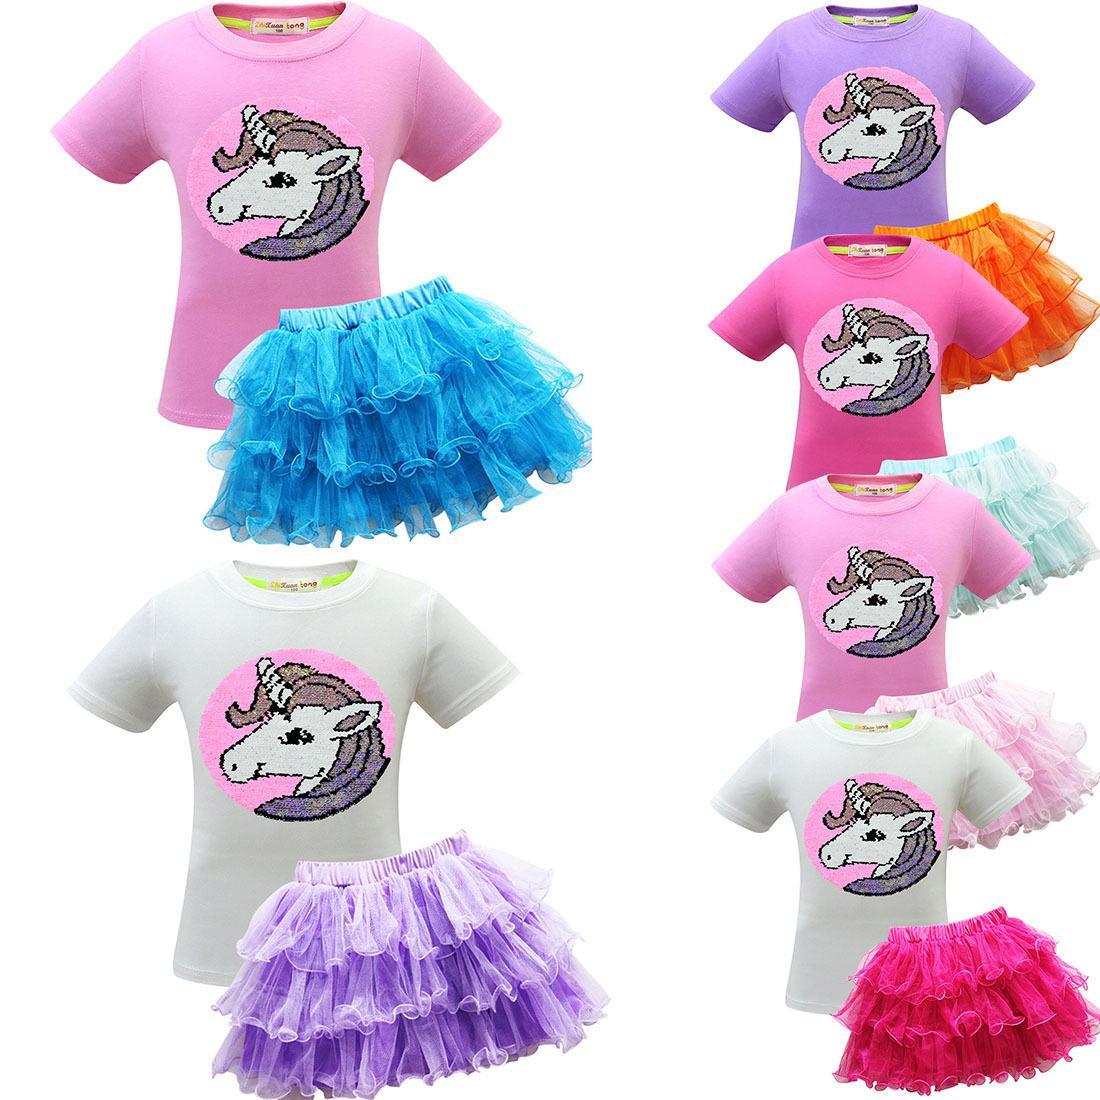 Gonna a pieghe Kids Designer di lusso vestiti ragazze Kids Designer del vestito dalle ragazze tutù di tulle bambini principessa gonne abiti per bambini 2 pezzi set